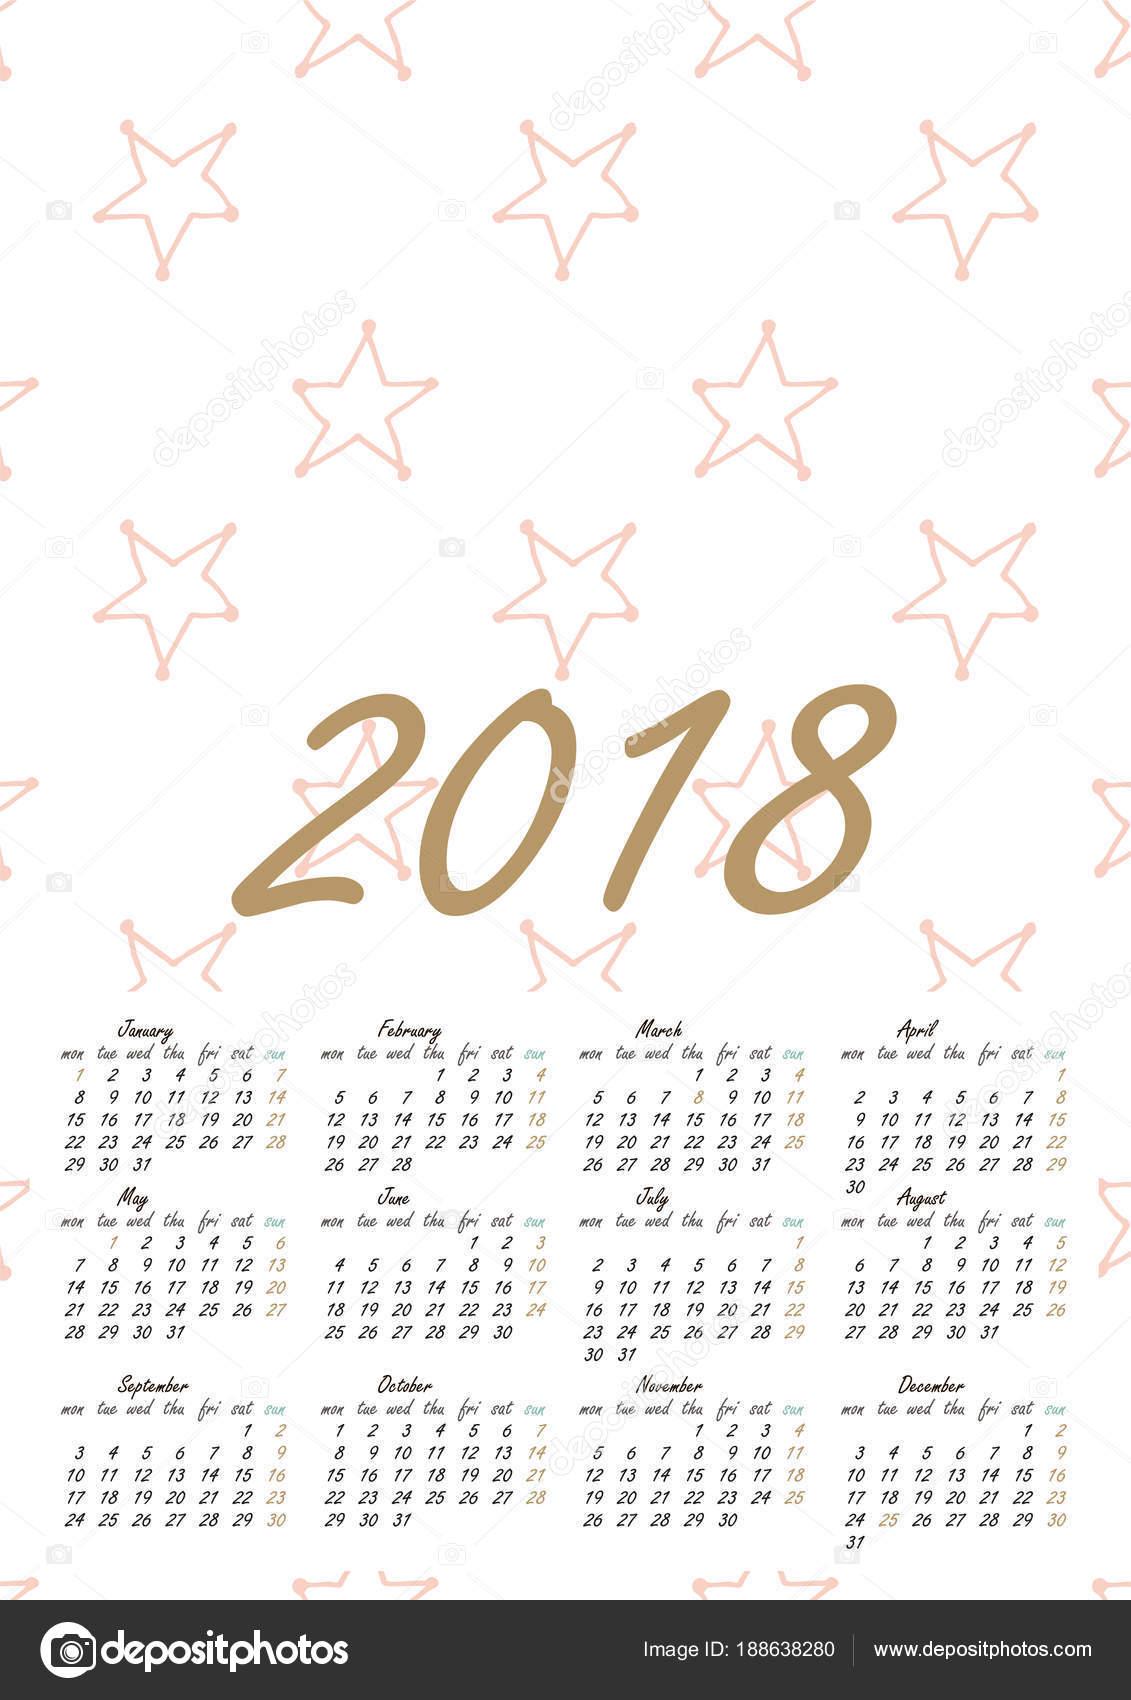 Calendrier 2018 En Style Scandinave Image Vectorielle